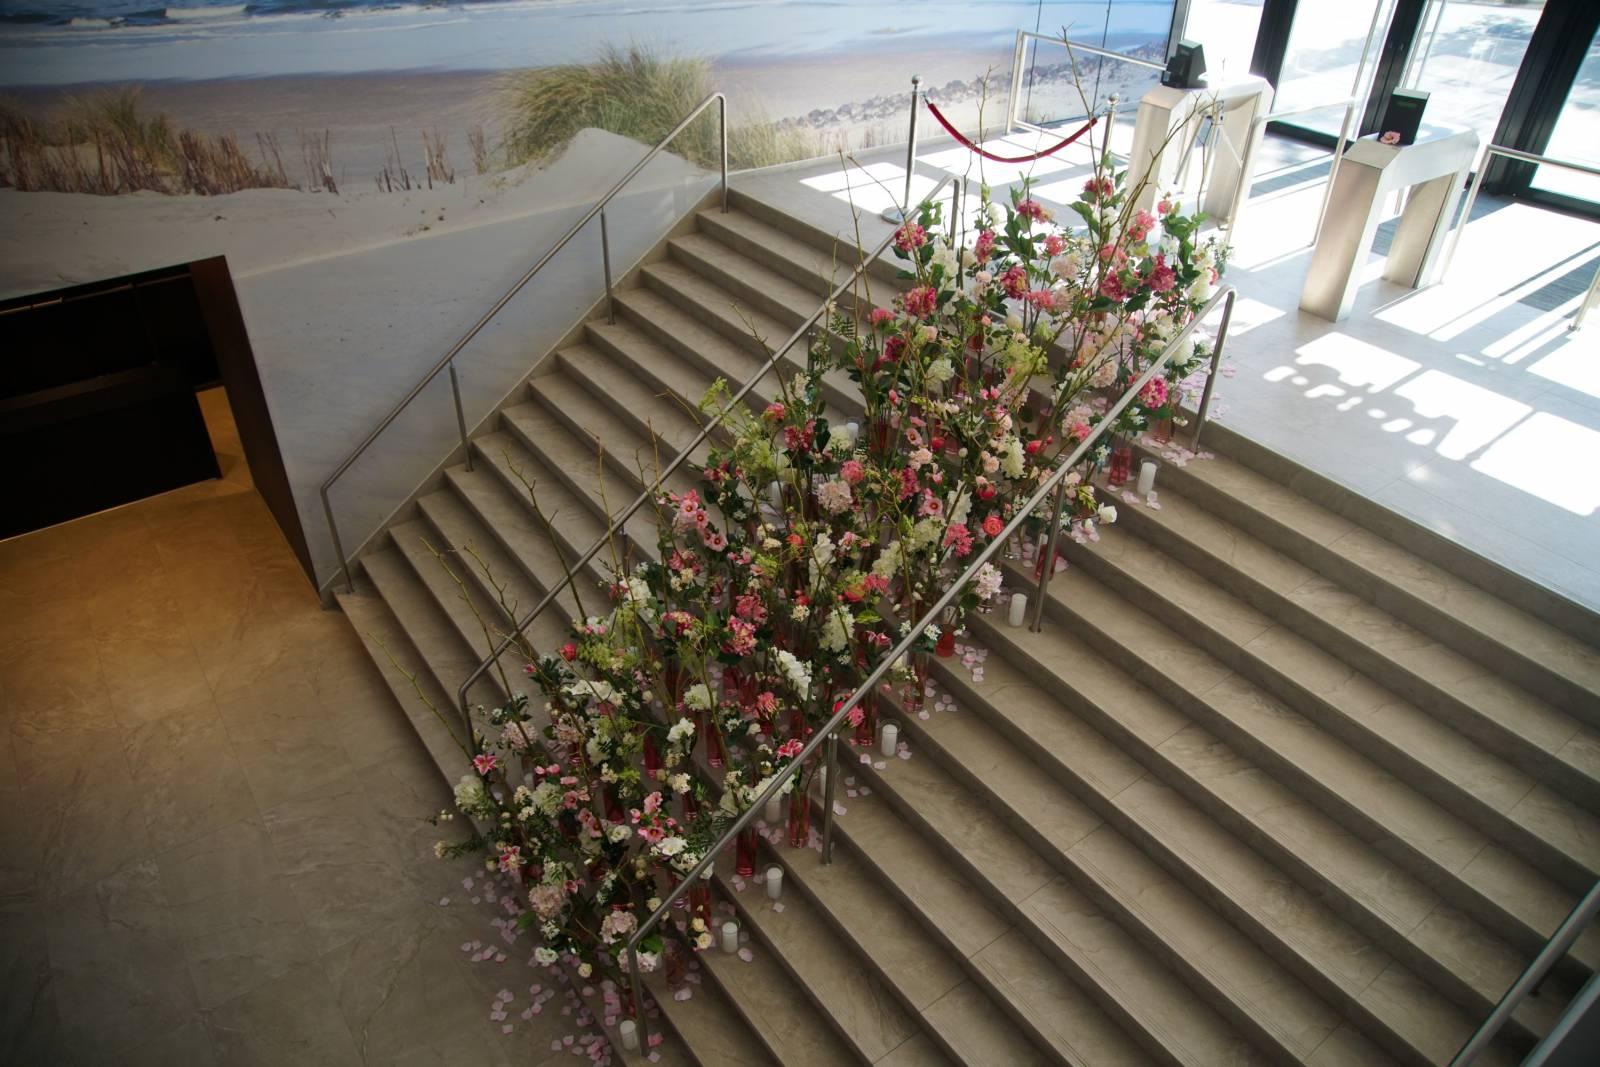 House of Weddings Versluys Arena KVO feestzaal dansfeest huwelijk west-vlaanderen 400 personen (4) (Custom)